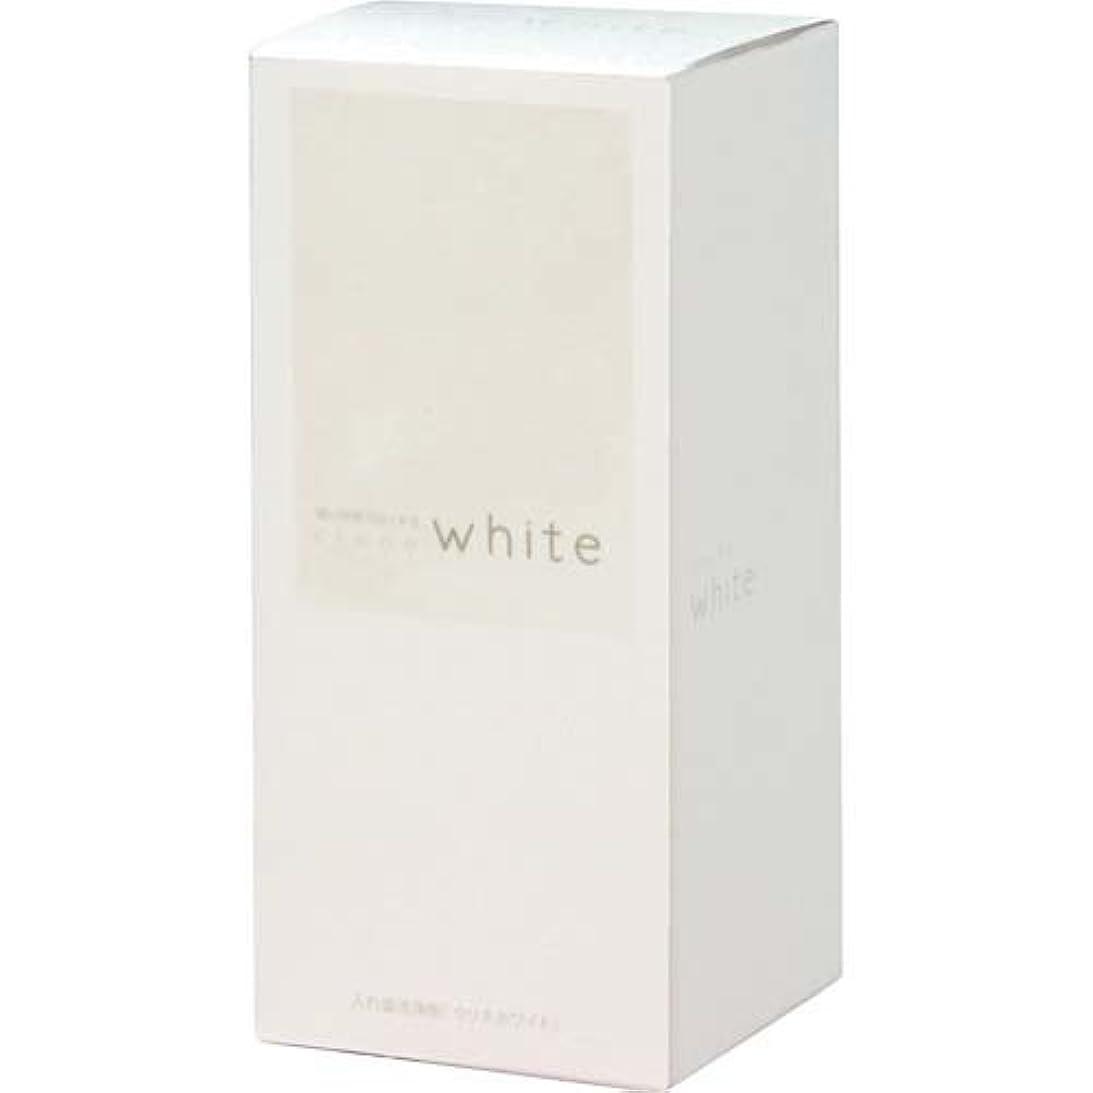 自然ジョージエリオットマーベル短い時間で白くする 強力入れ歯洗浄剤 クリネホワイト